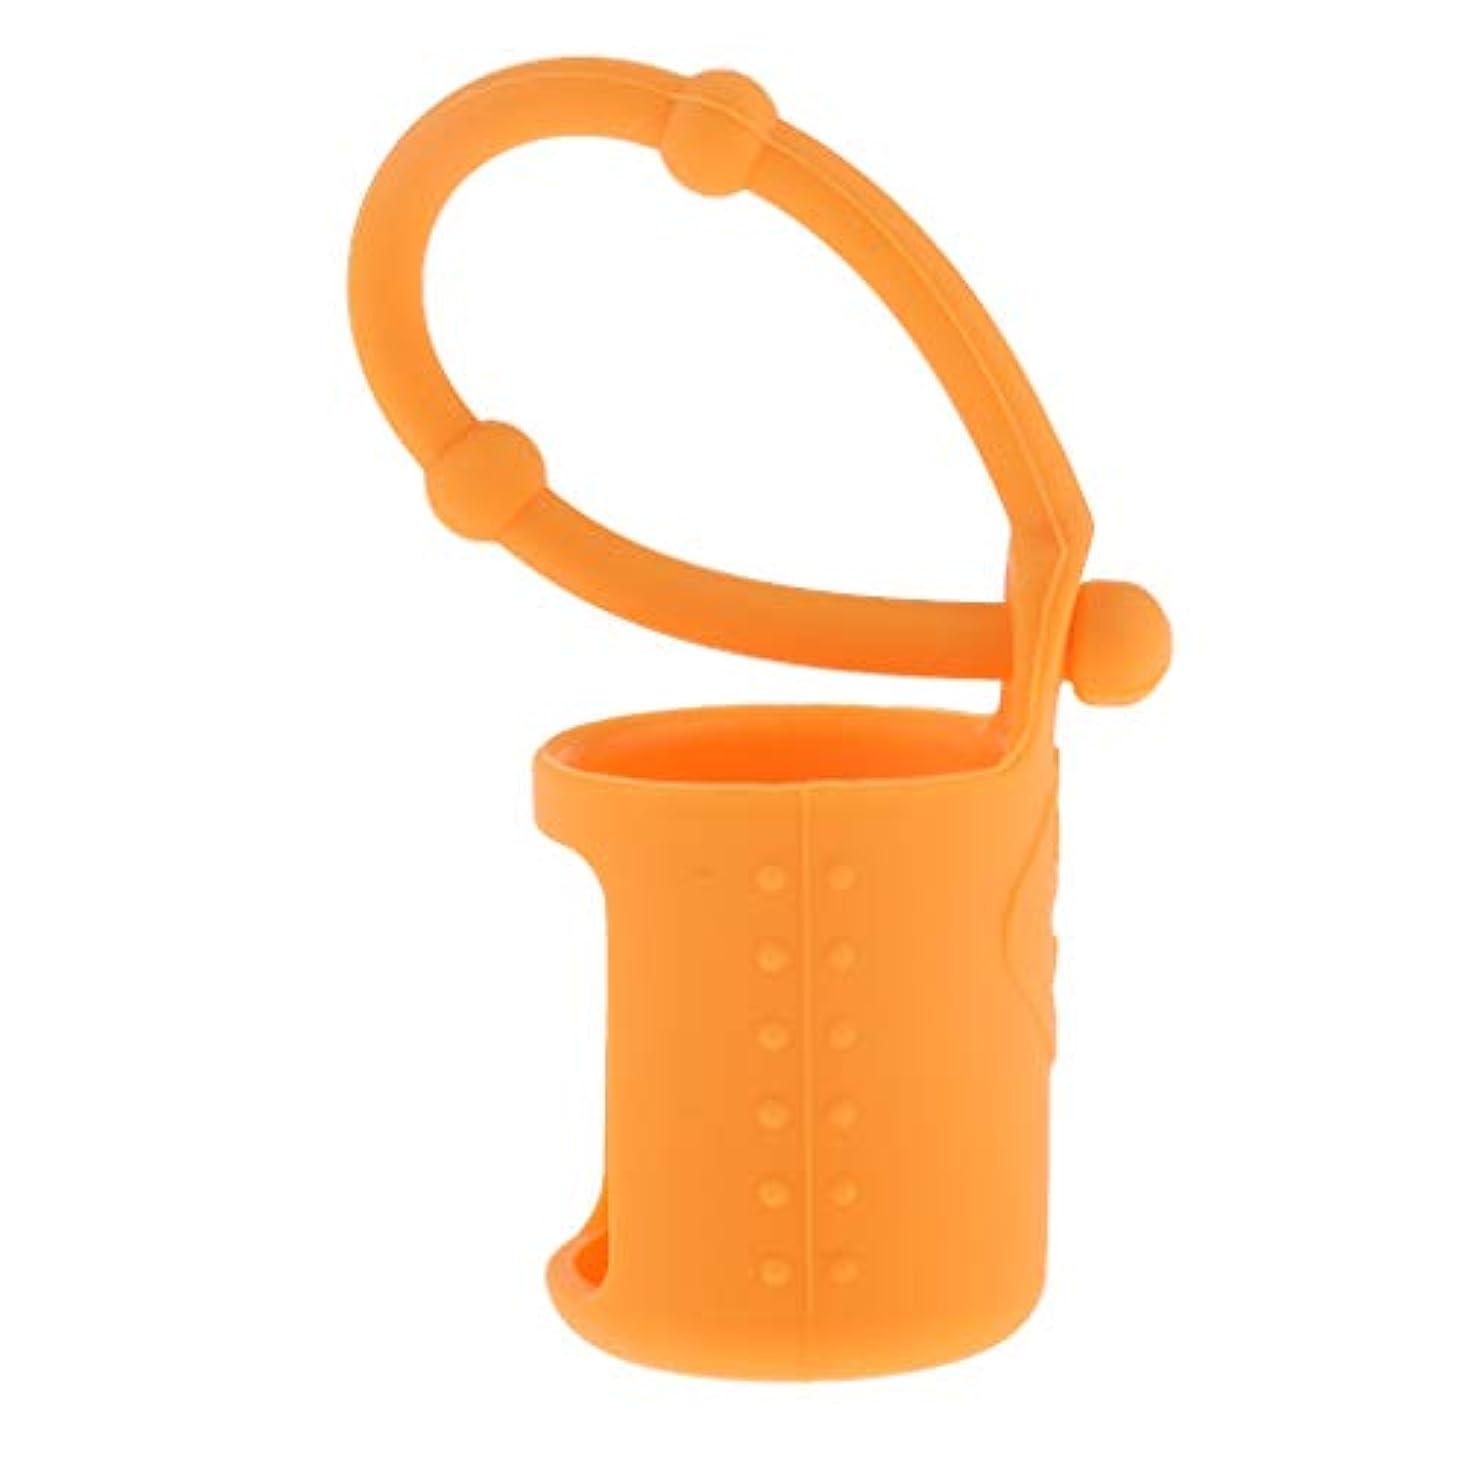 発疹雑品フレキシブル6色選べ シリコーン ローラーボトルホルダー エッセンシャルオイル キャリングケース 5ml - オレンジ